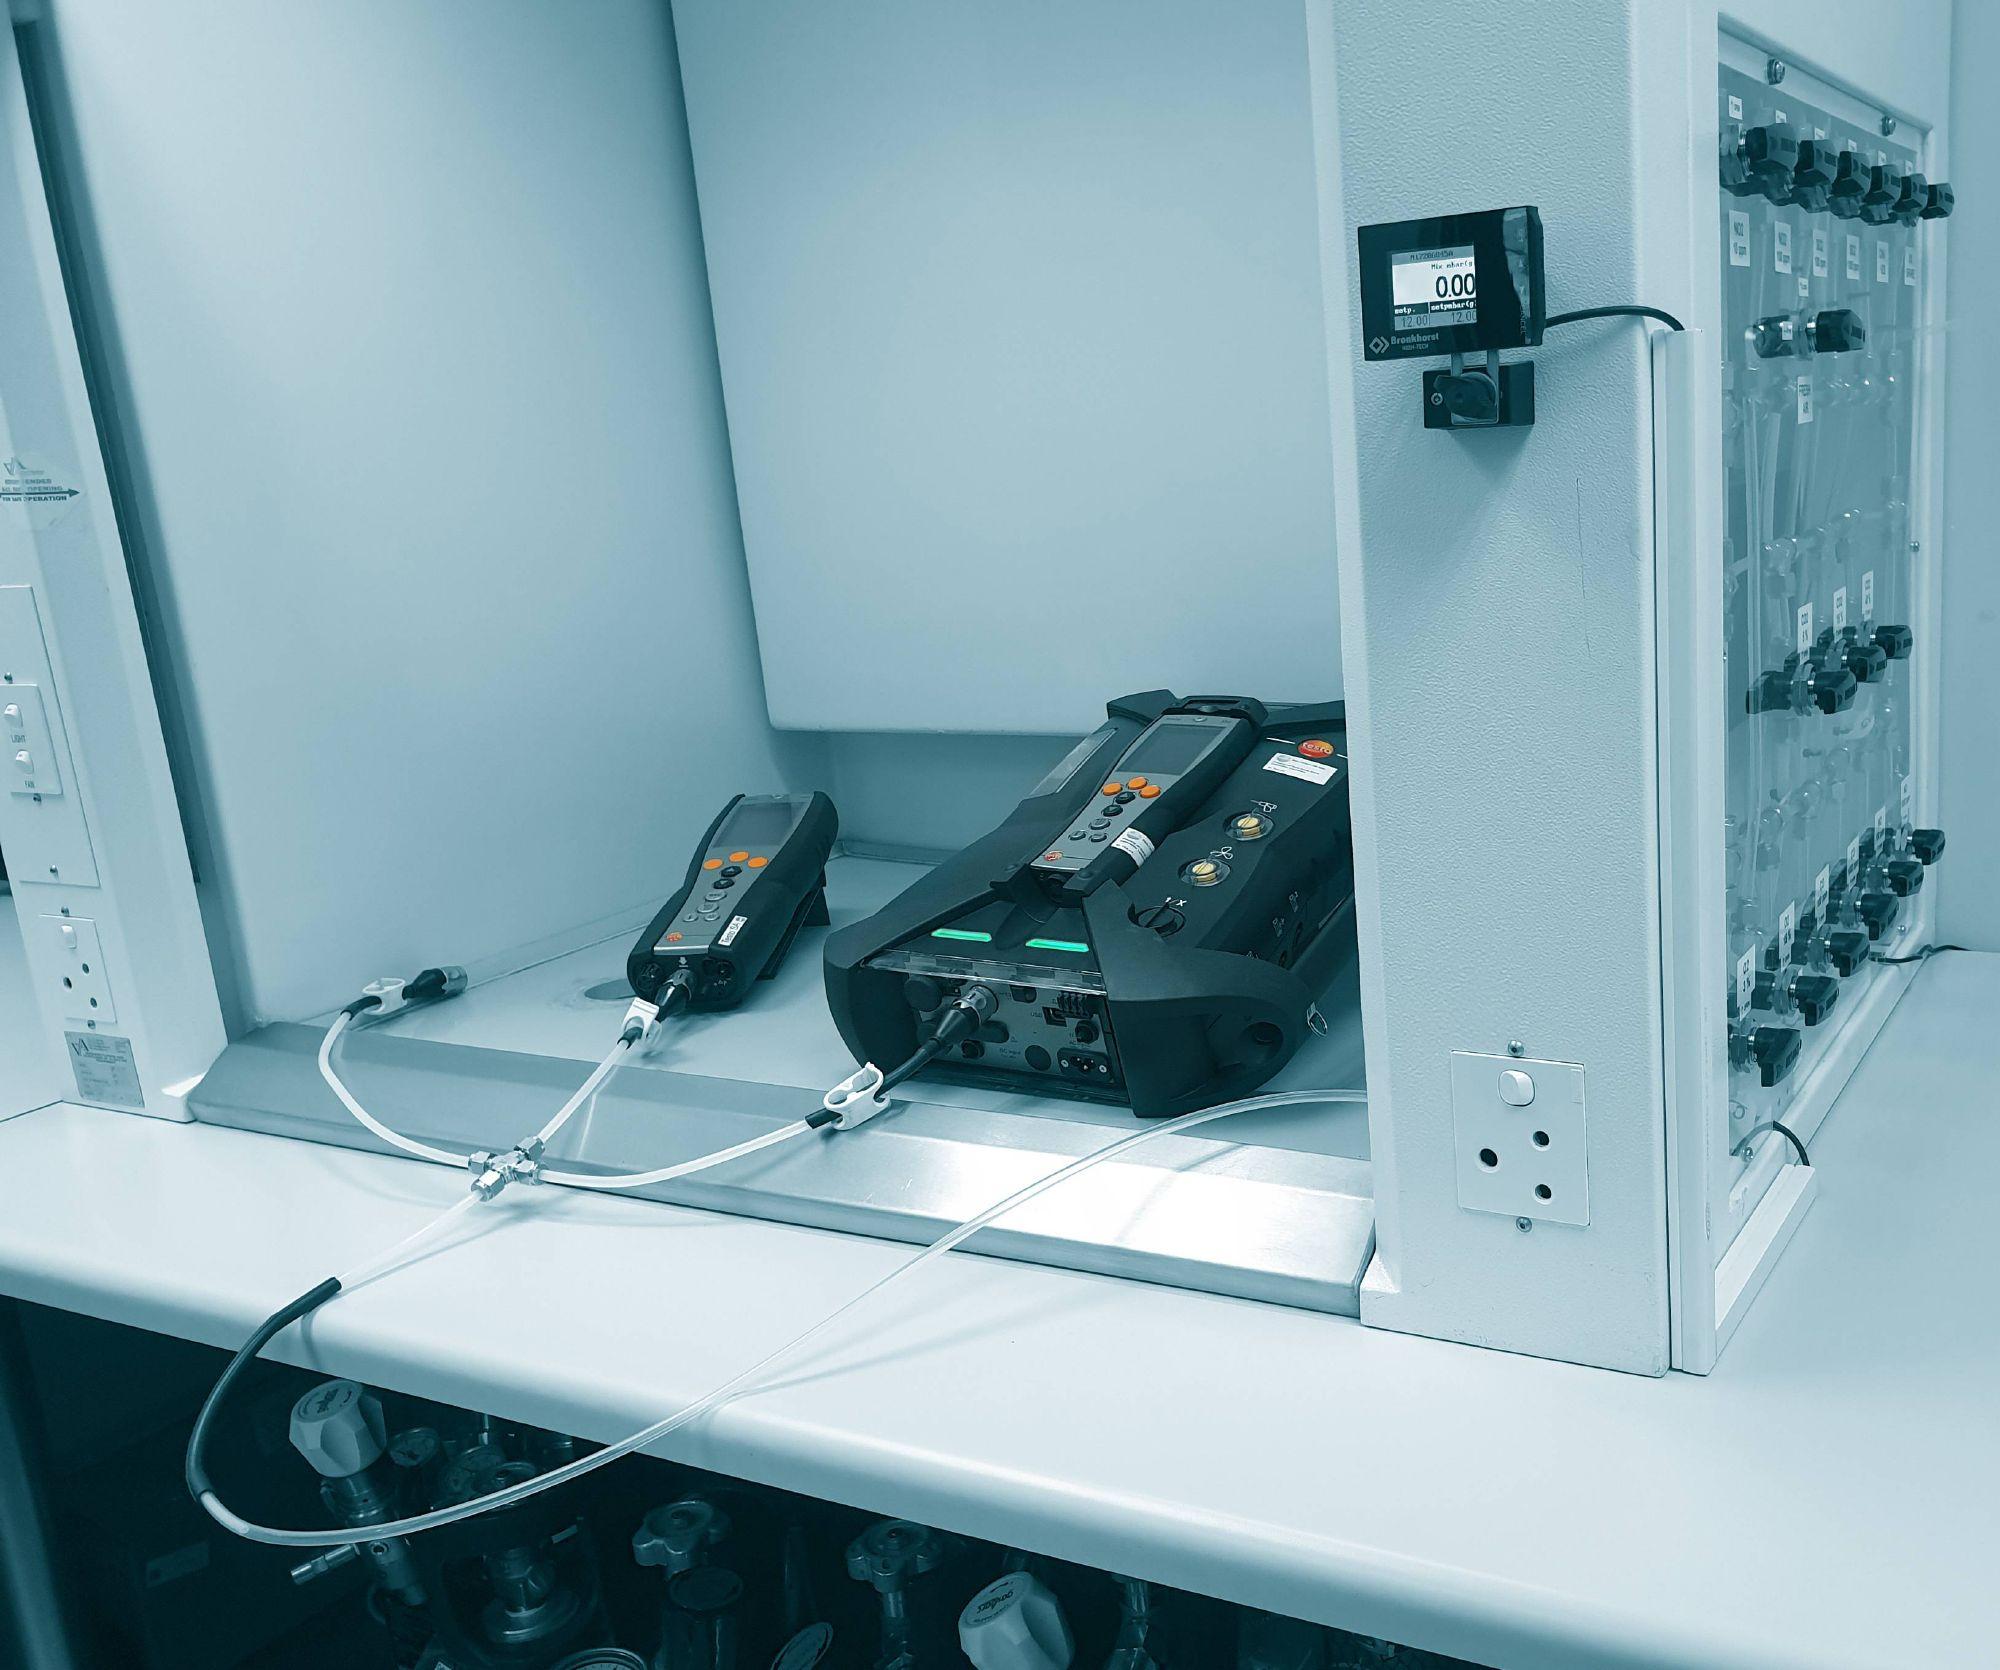 Testo flue gas analyzer calibration service